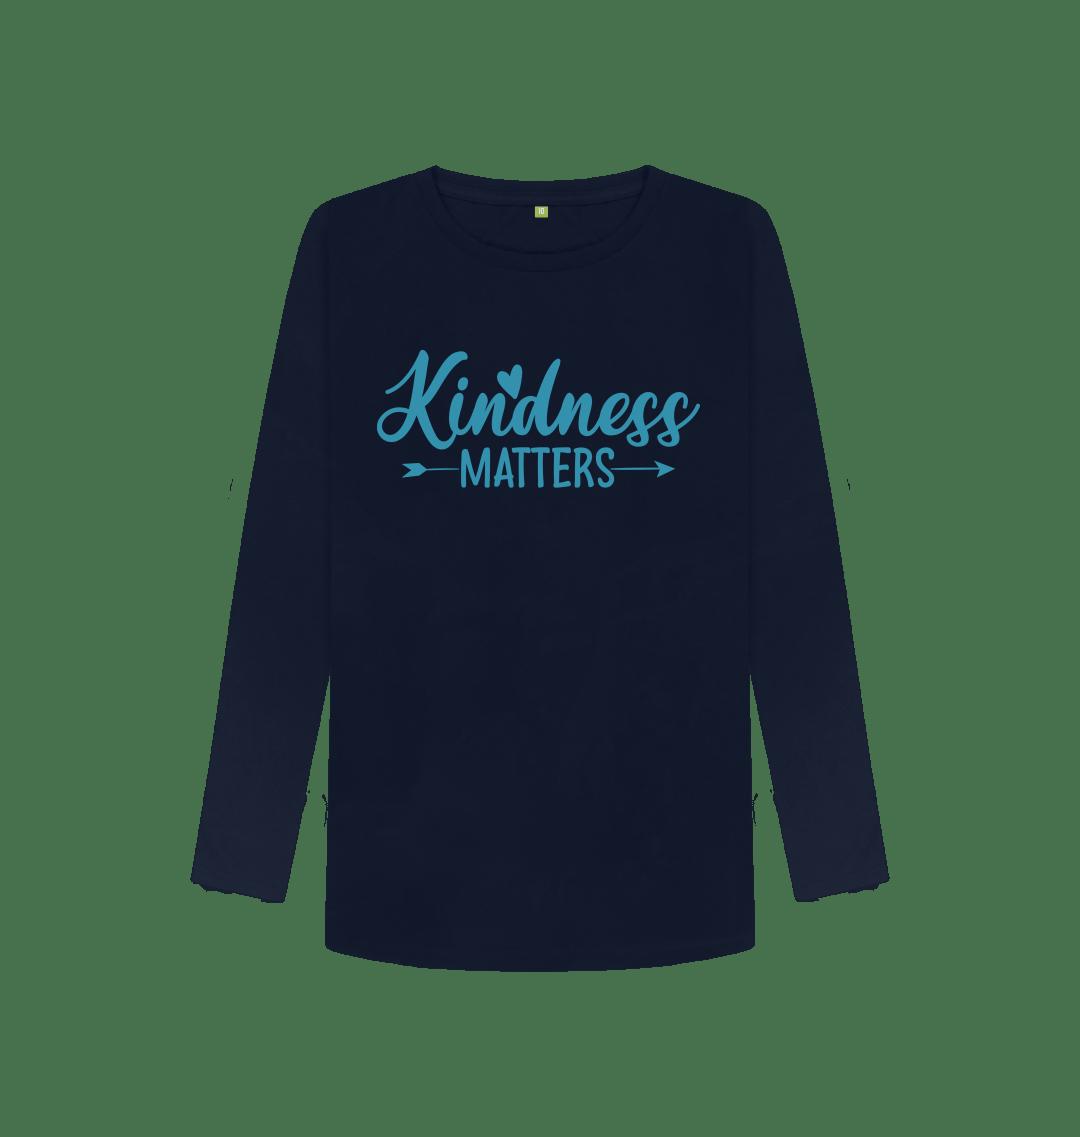 Kindness Matters Women's Long Sleeve Top Navy Blue